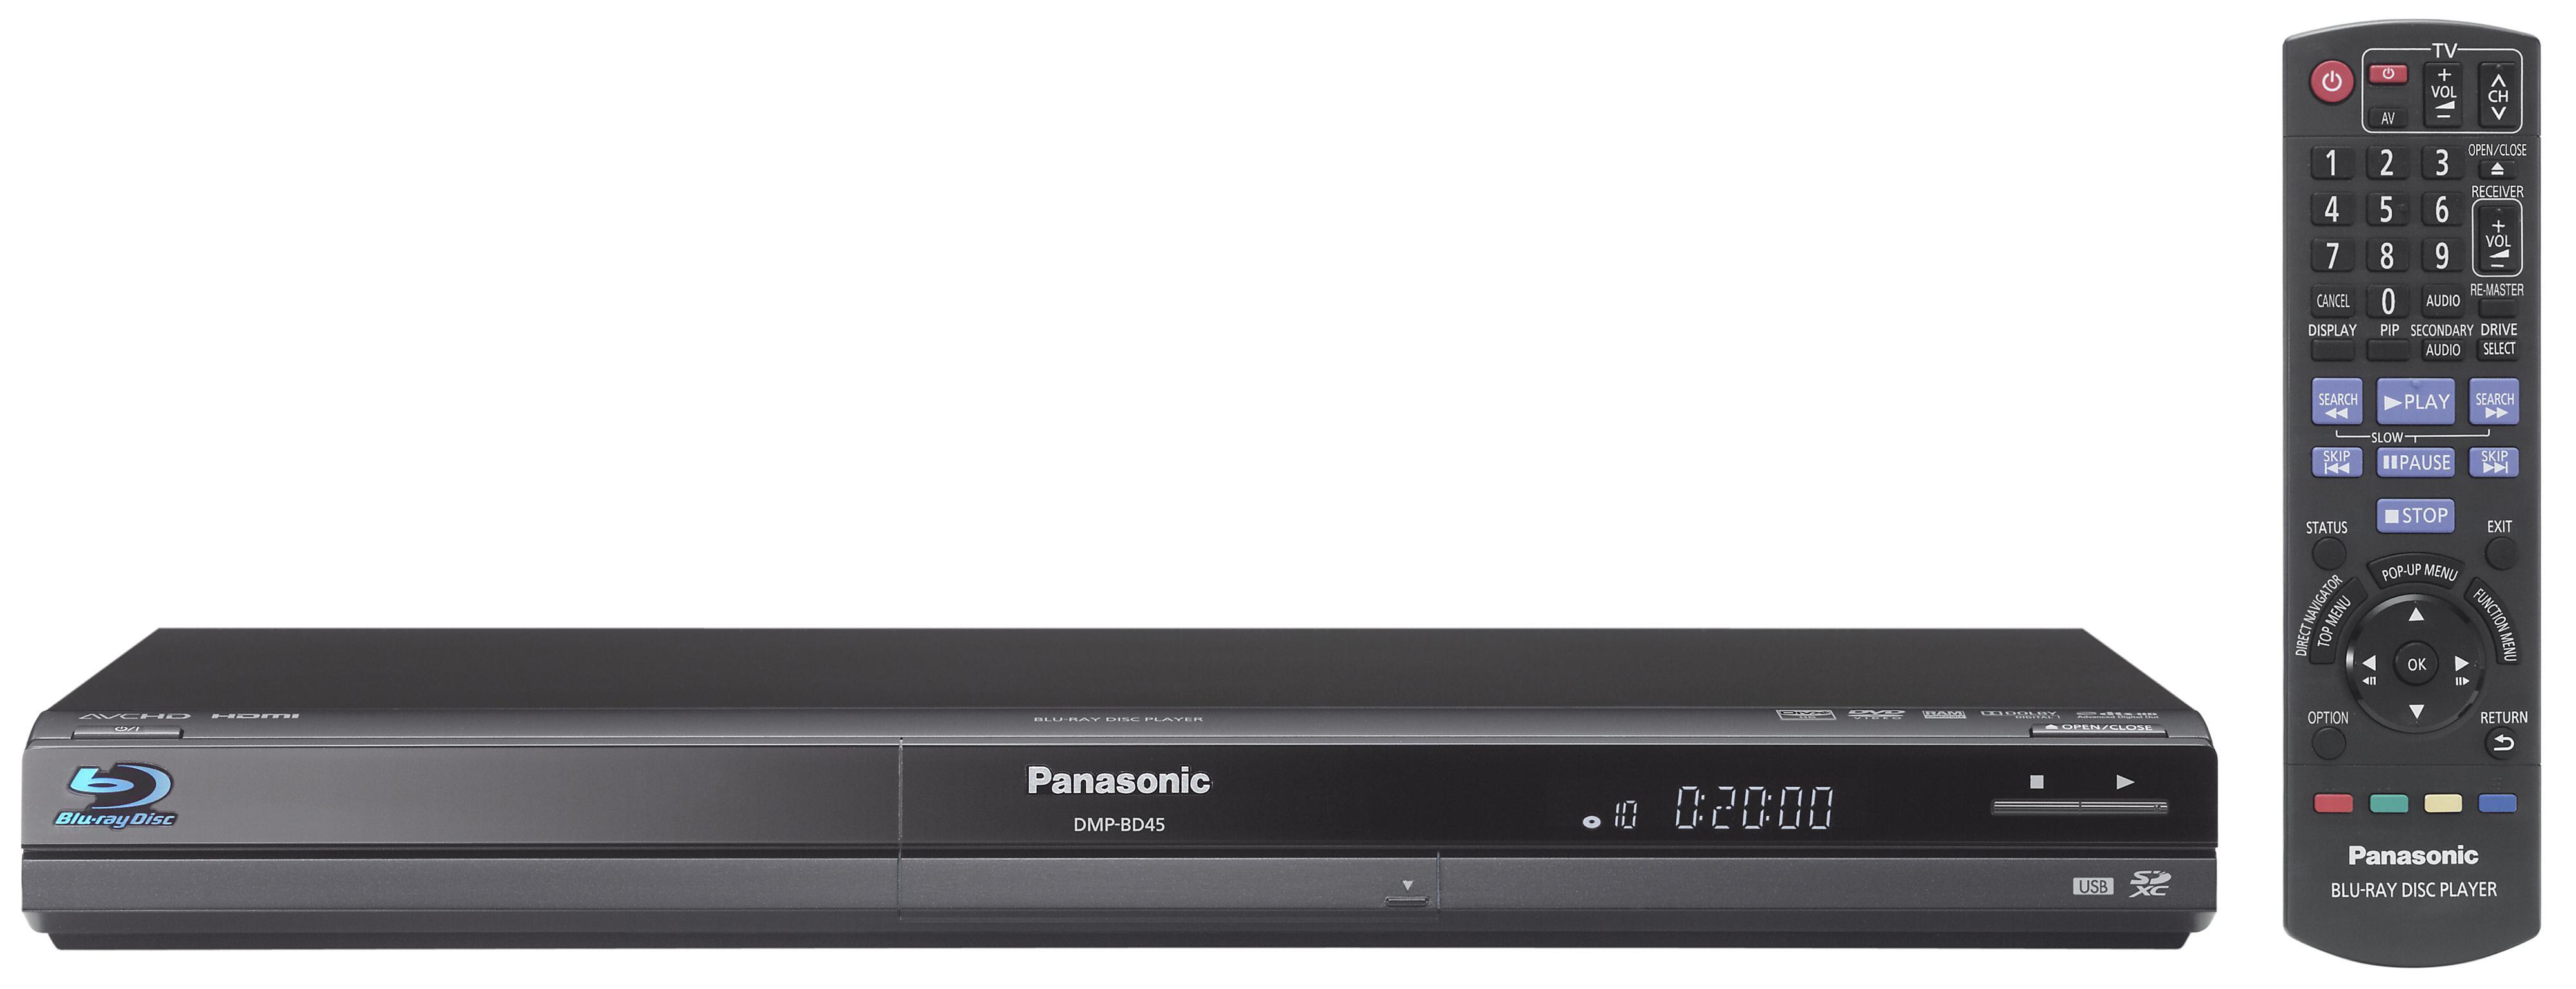 Panasonic BDP-BD45: Enkleste sort, men bra nok for mange? (Klikk for større bilde)